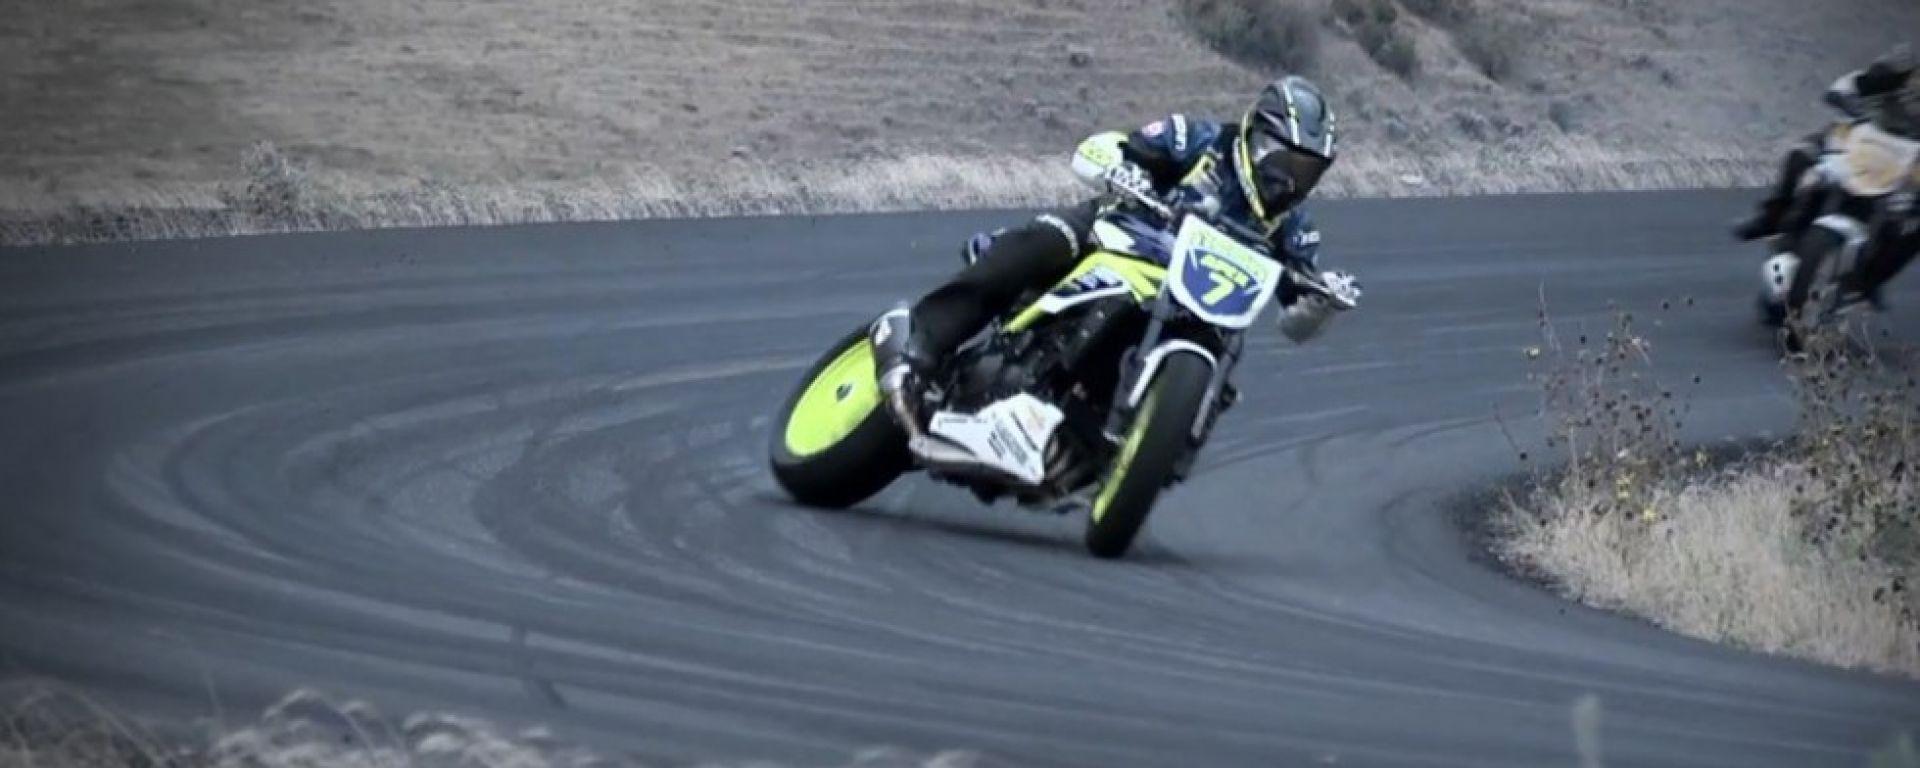 Auto contro moto sfida a tutto drift